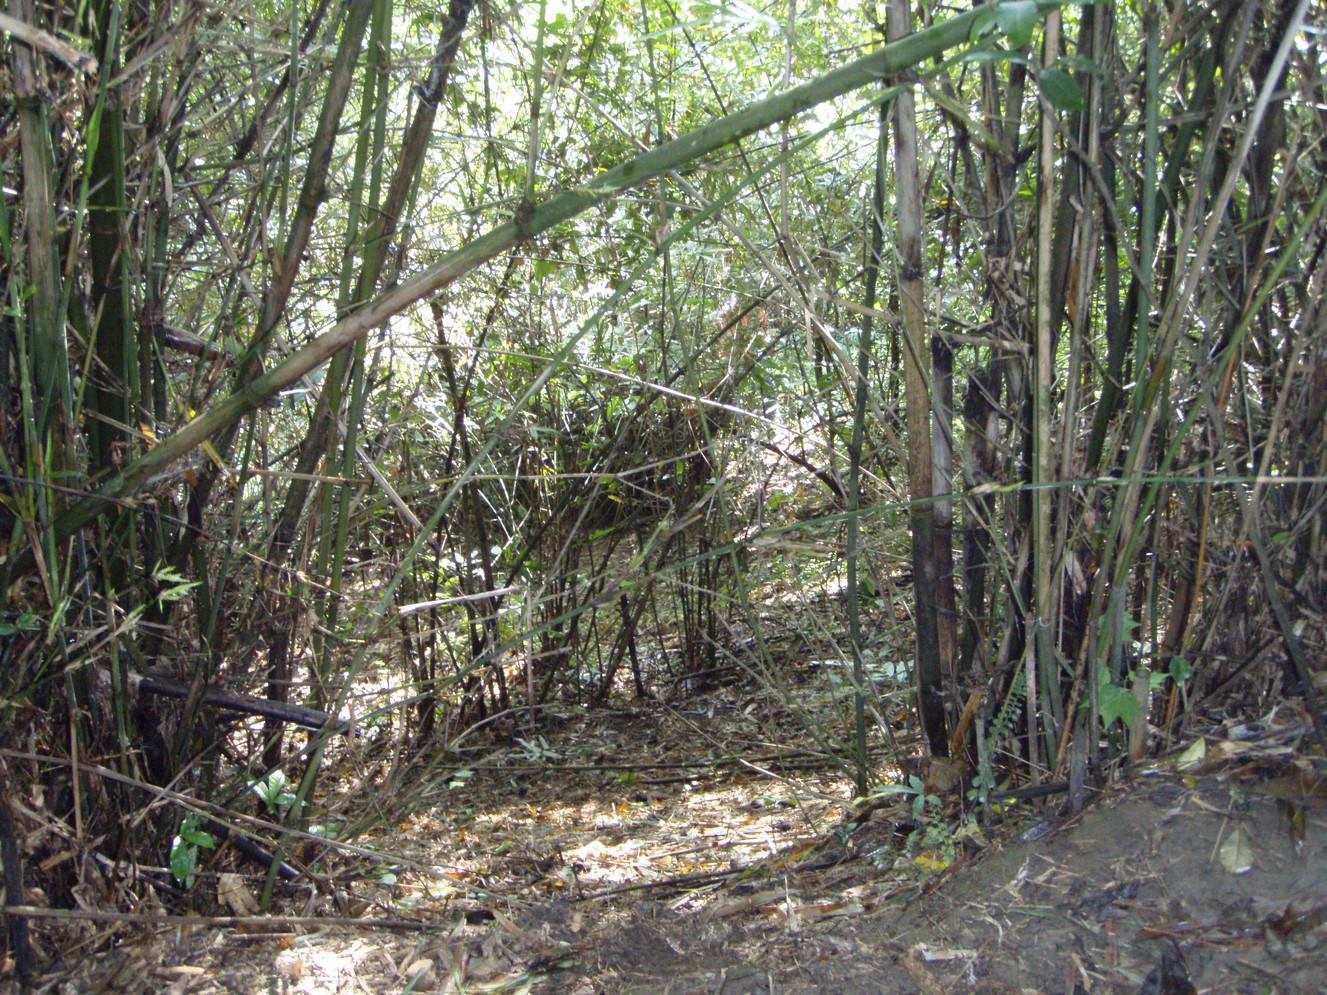 Habitat of Cuora mccordi